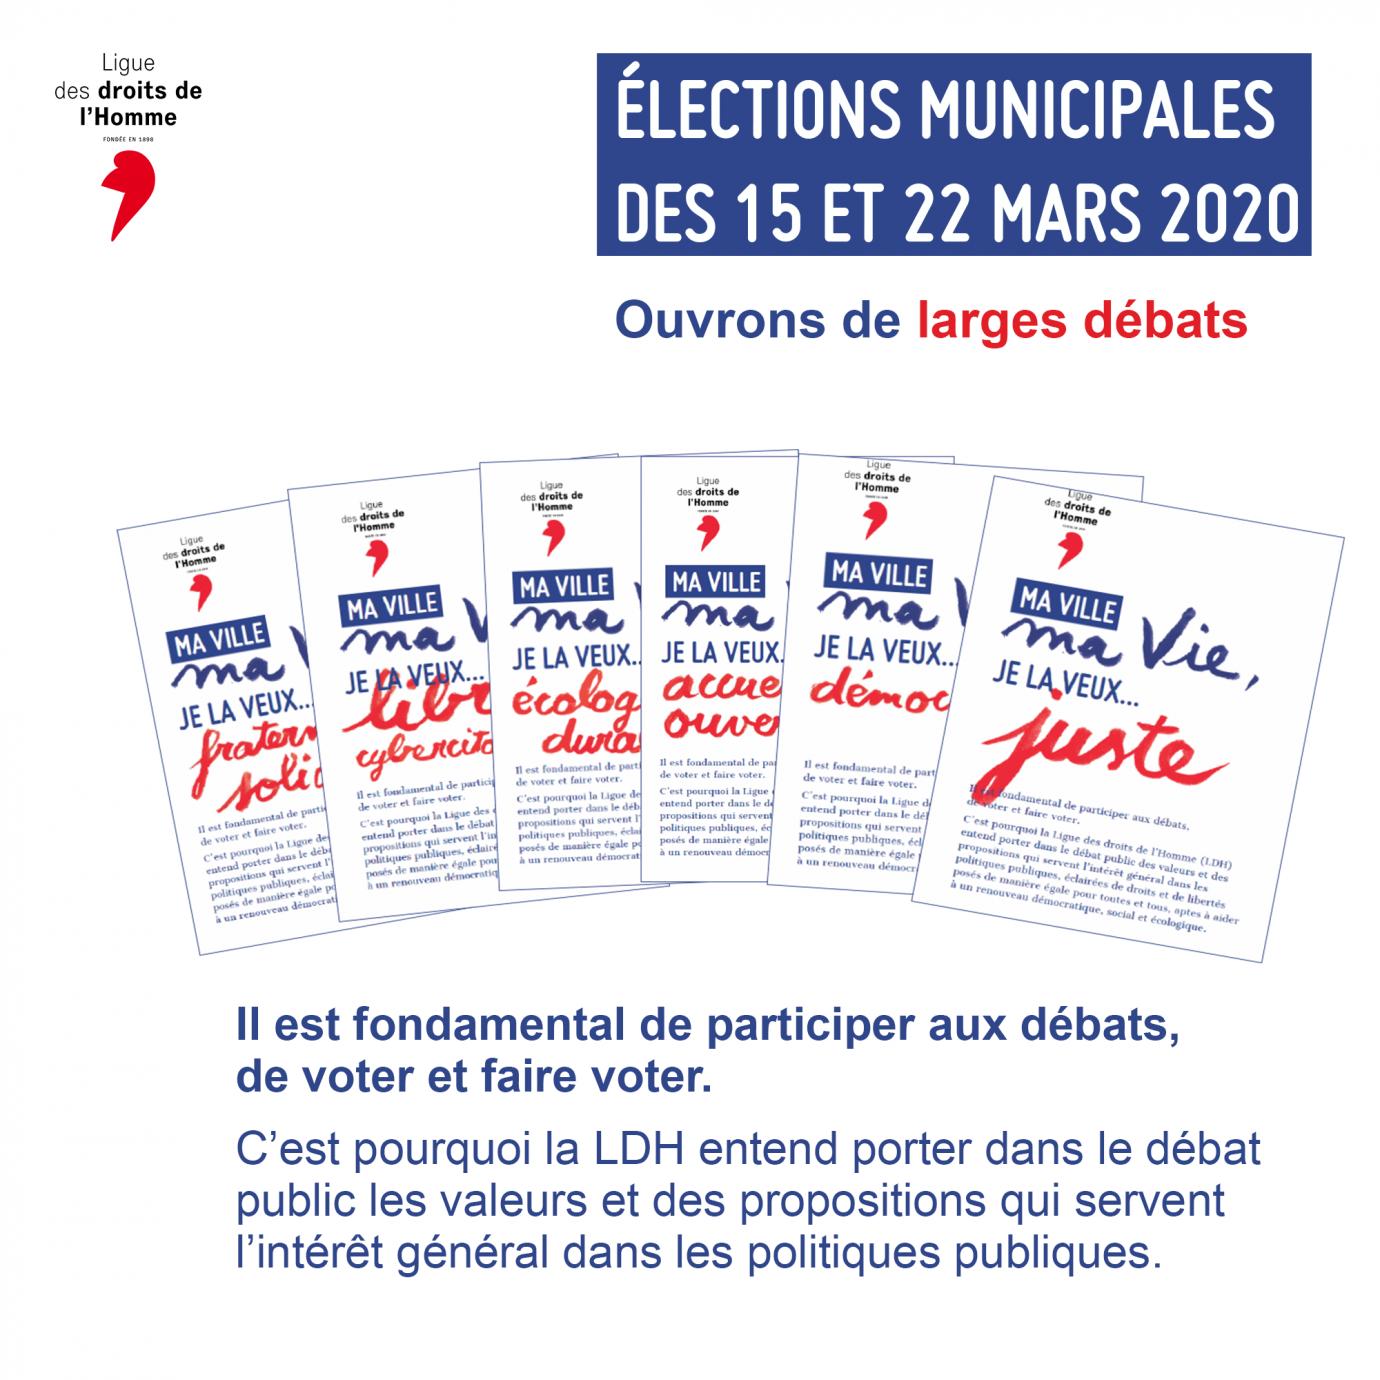 Campagne en faveur du vote pour les municipales de mars 2020 de la LDH